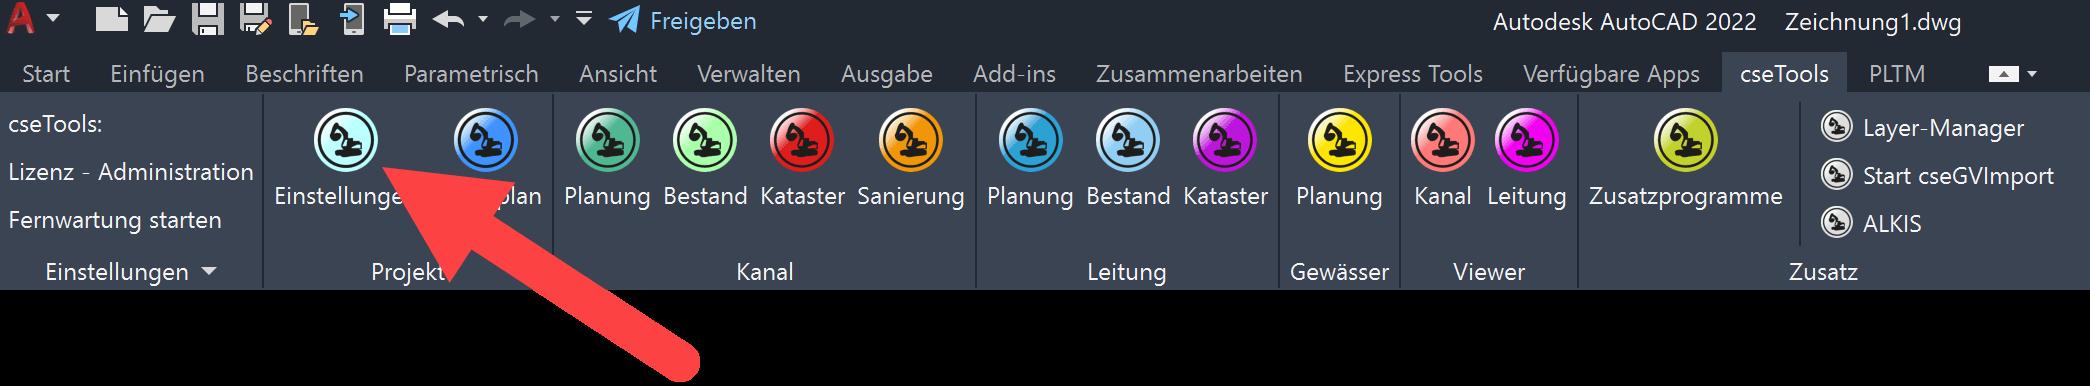 Screenshot Projekteigenschaften im Ribbonmenü